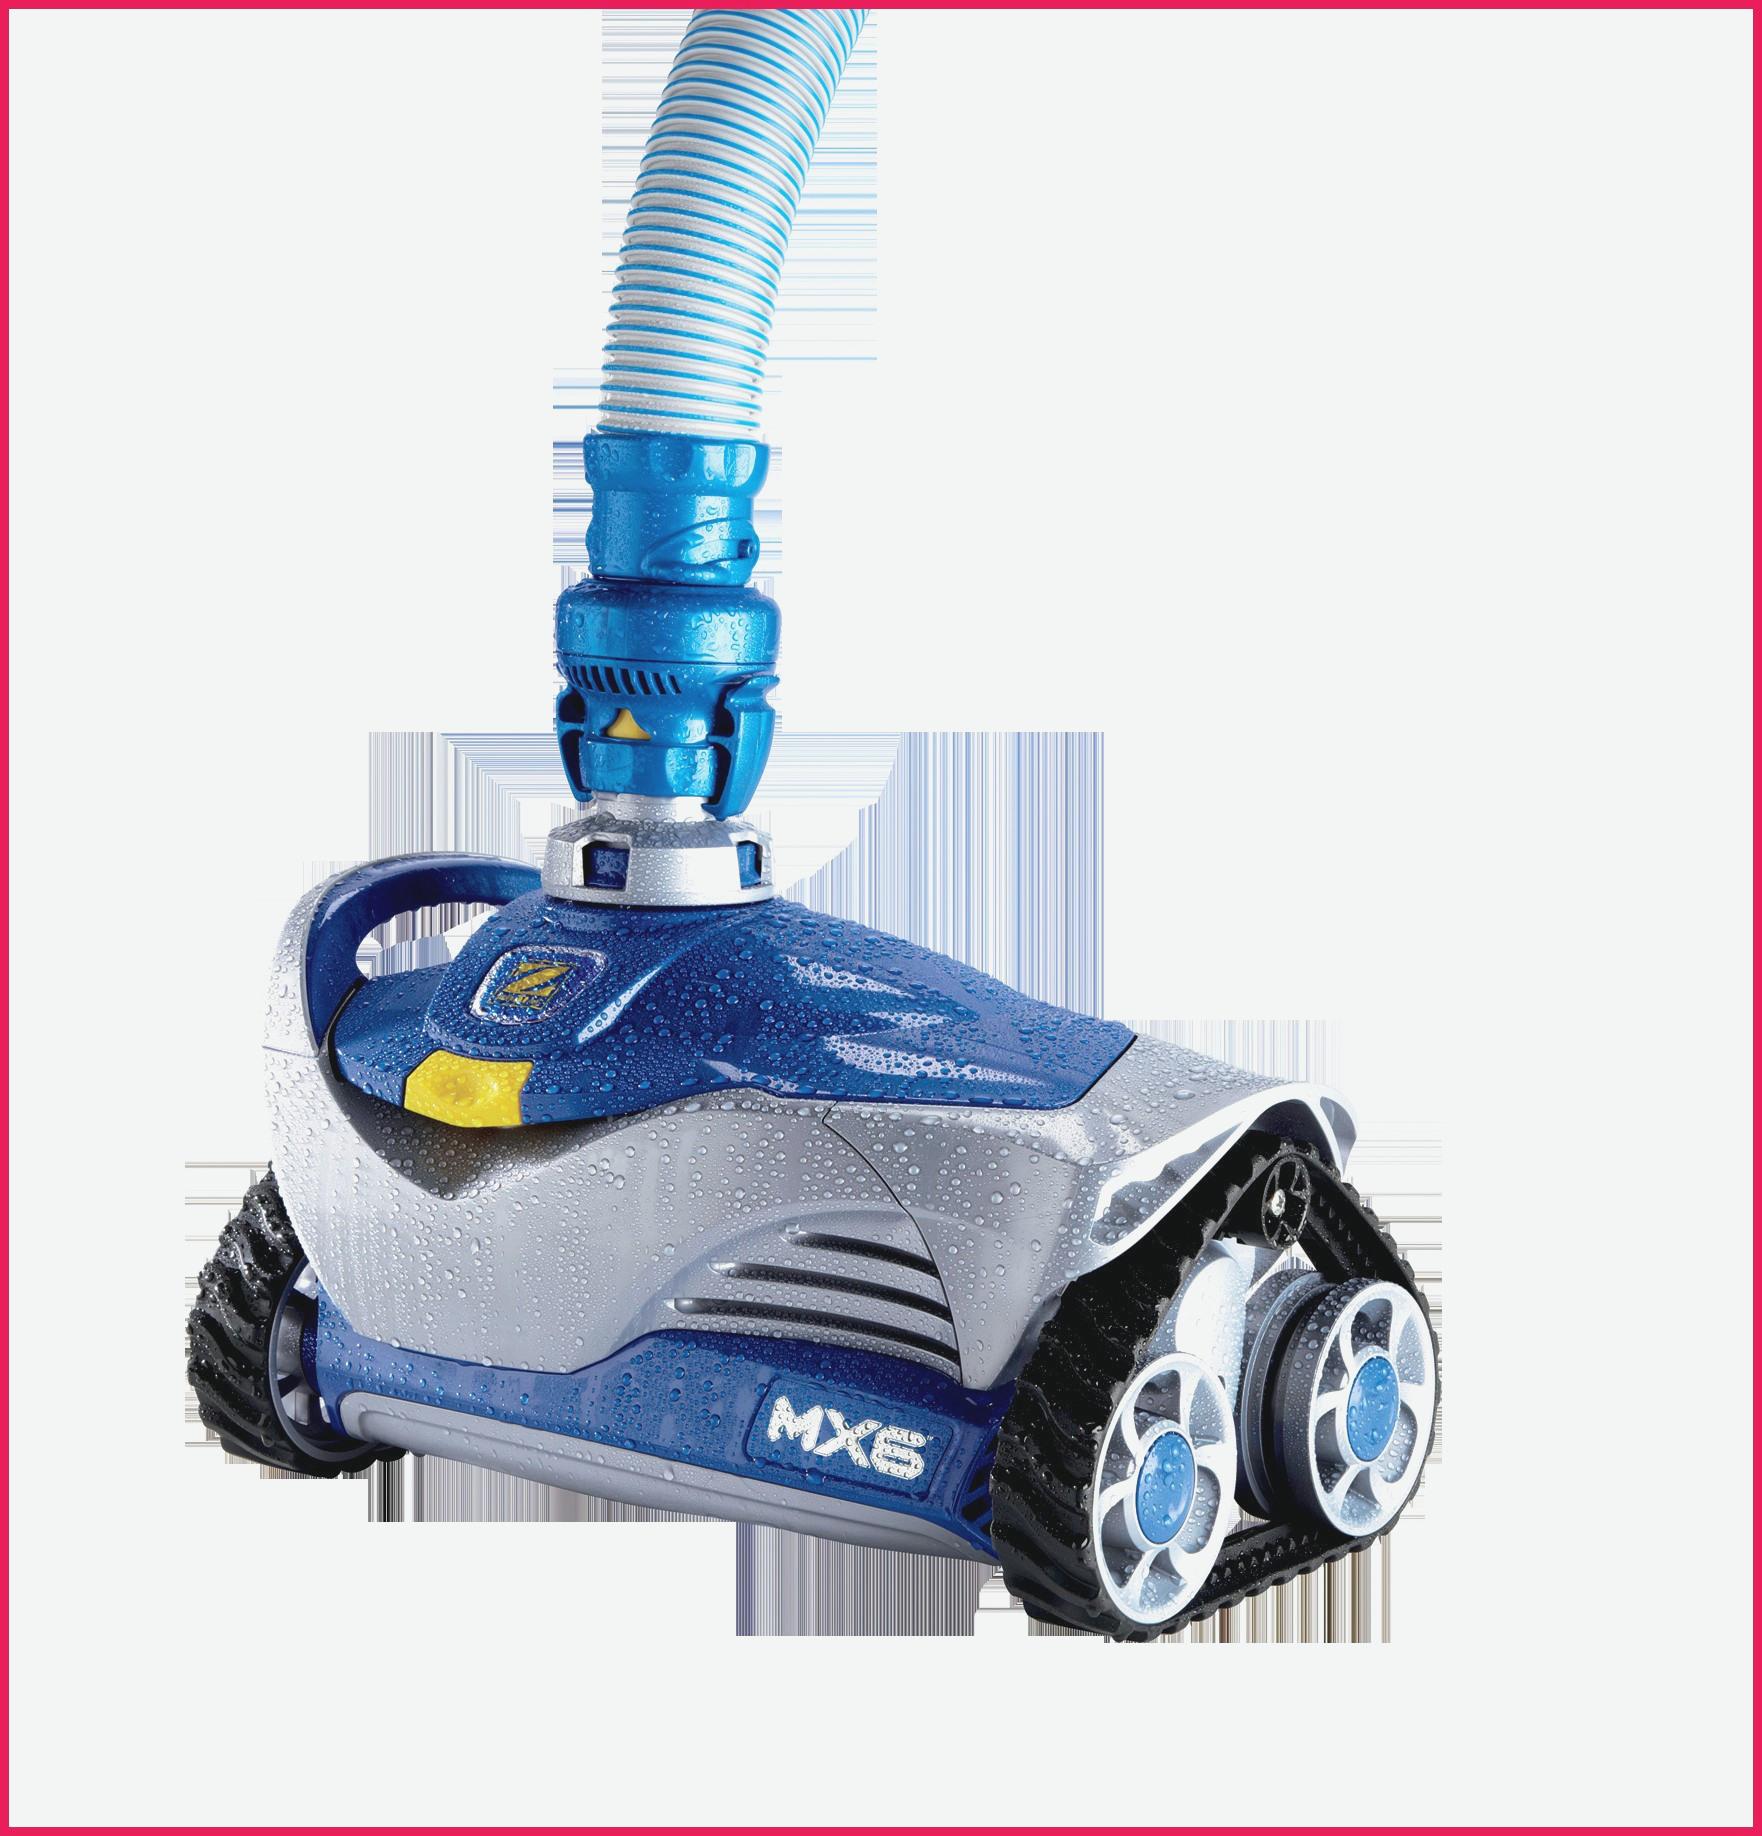 Aspirateur Piscine Hors sol Inspirant Images Balai aspirateur Piscine Hors sol Nouveau Samsung Lave Linge Frontal